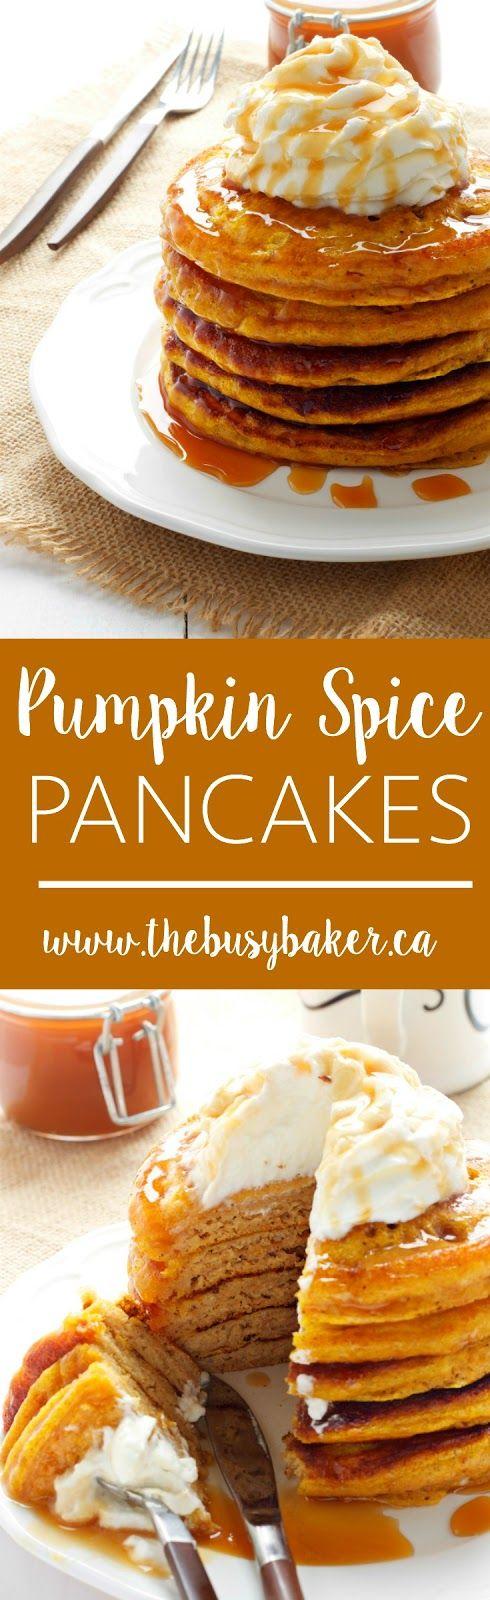 Pumpkin Spice Pancakes www.thebusybaker.ca